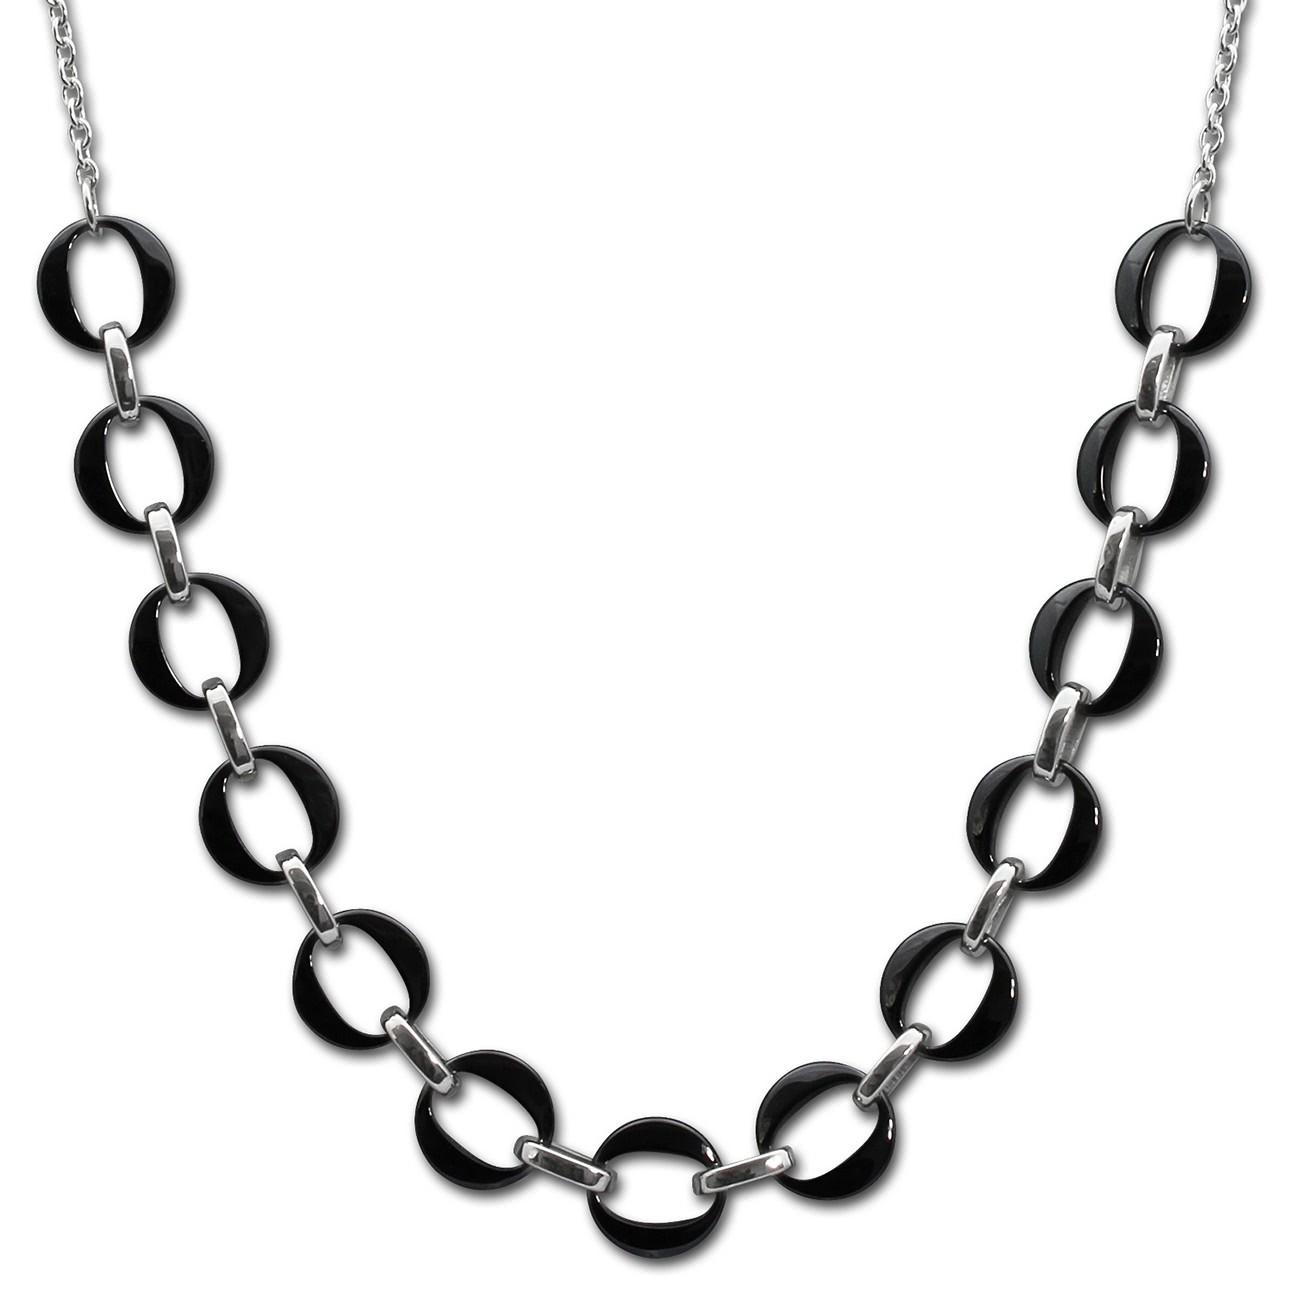 Amello Halskette Keramik Ringe schwarz Damen Edelstahlschmuck ESKX47S5